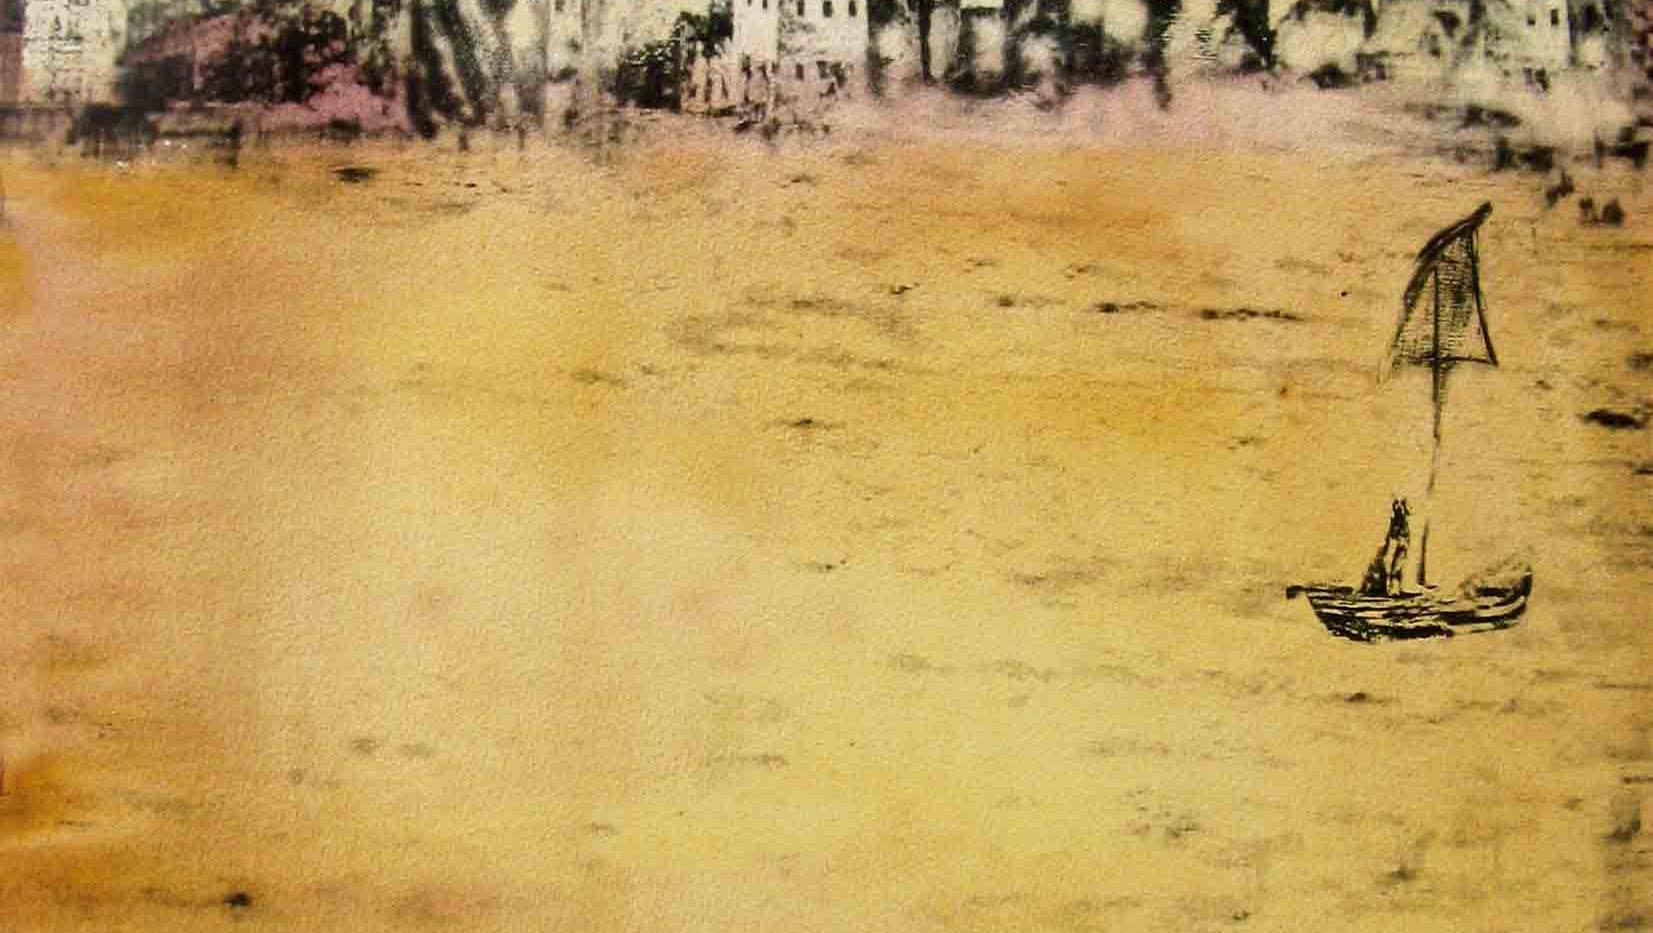 Aimee_Birnbaum Thames Gold 1.jpg